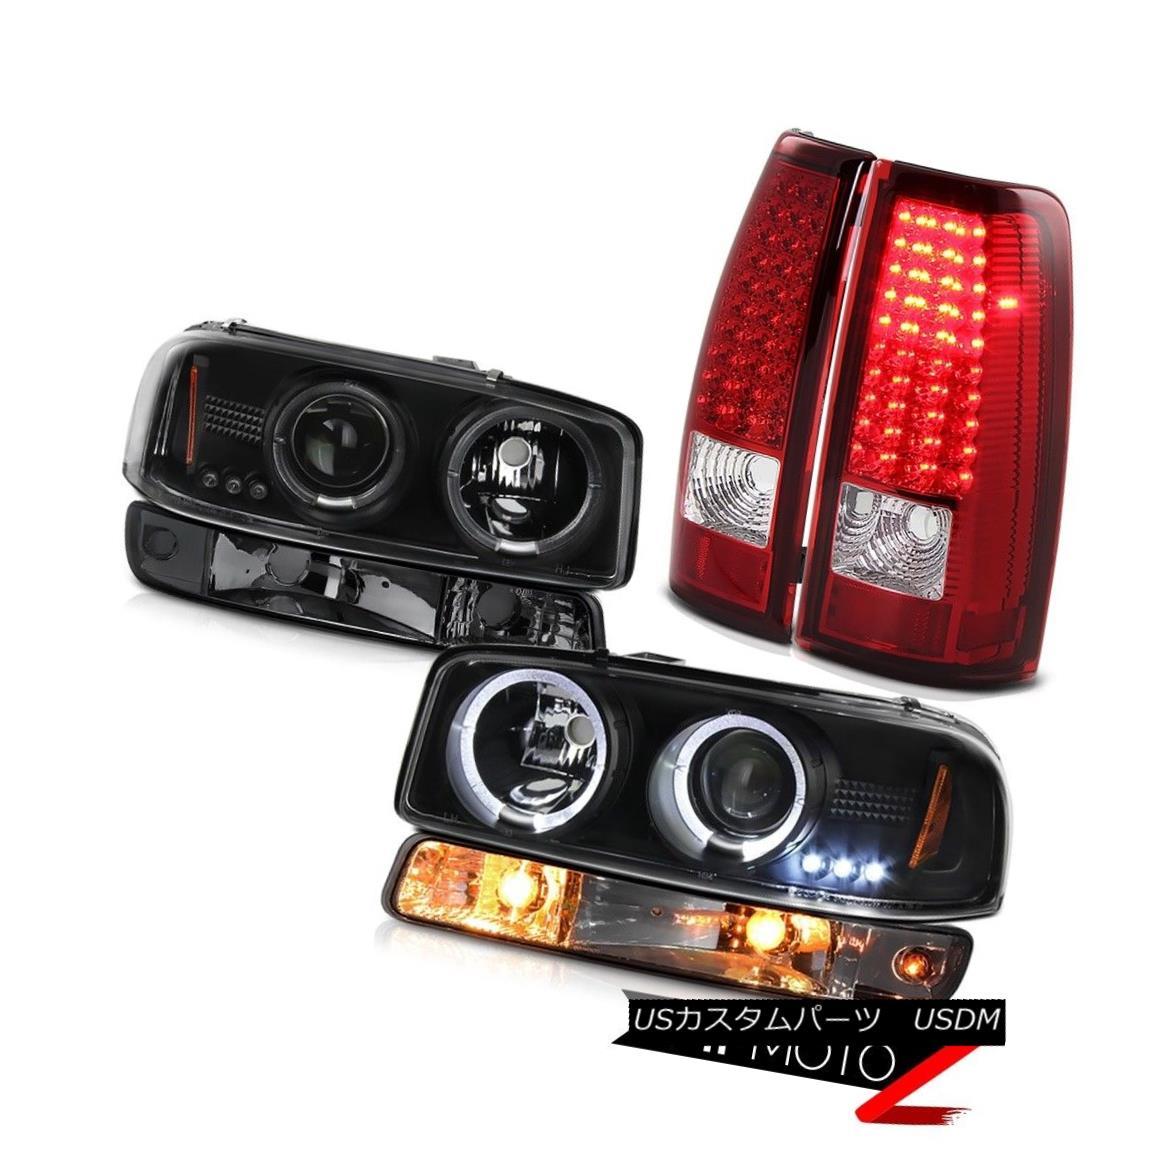 ヘッドライト 99-06 Sierra 1500 Bloody red taillamps phantom smoke parking lamp headlamps LED 99-06シエラ1500血まみれの赤いテールランプファントム煙る駐車場のランプヘッドランプLED画像